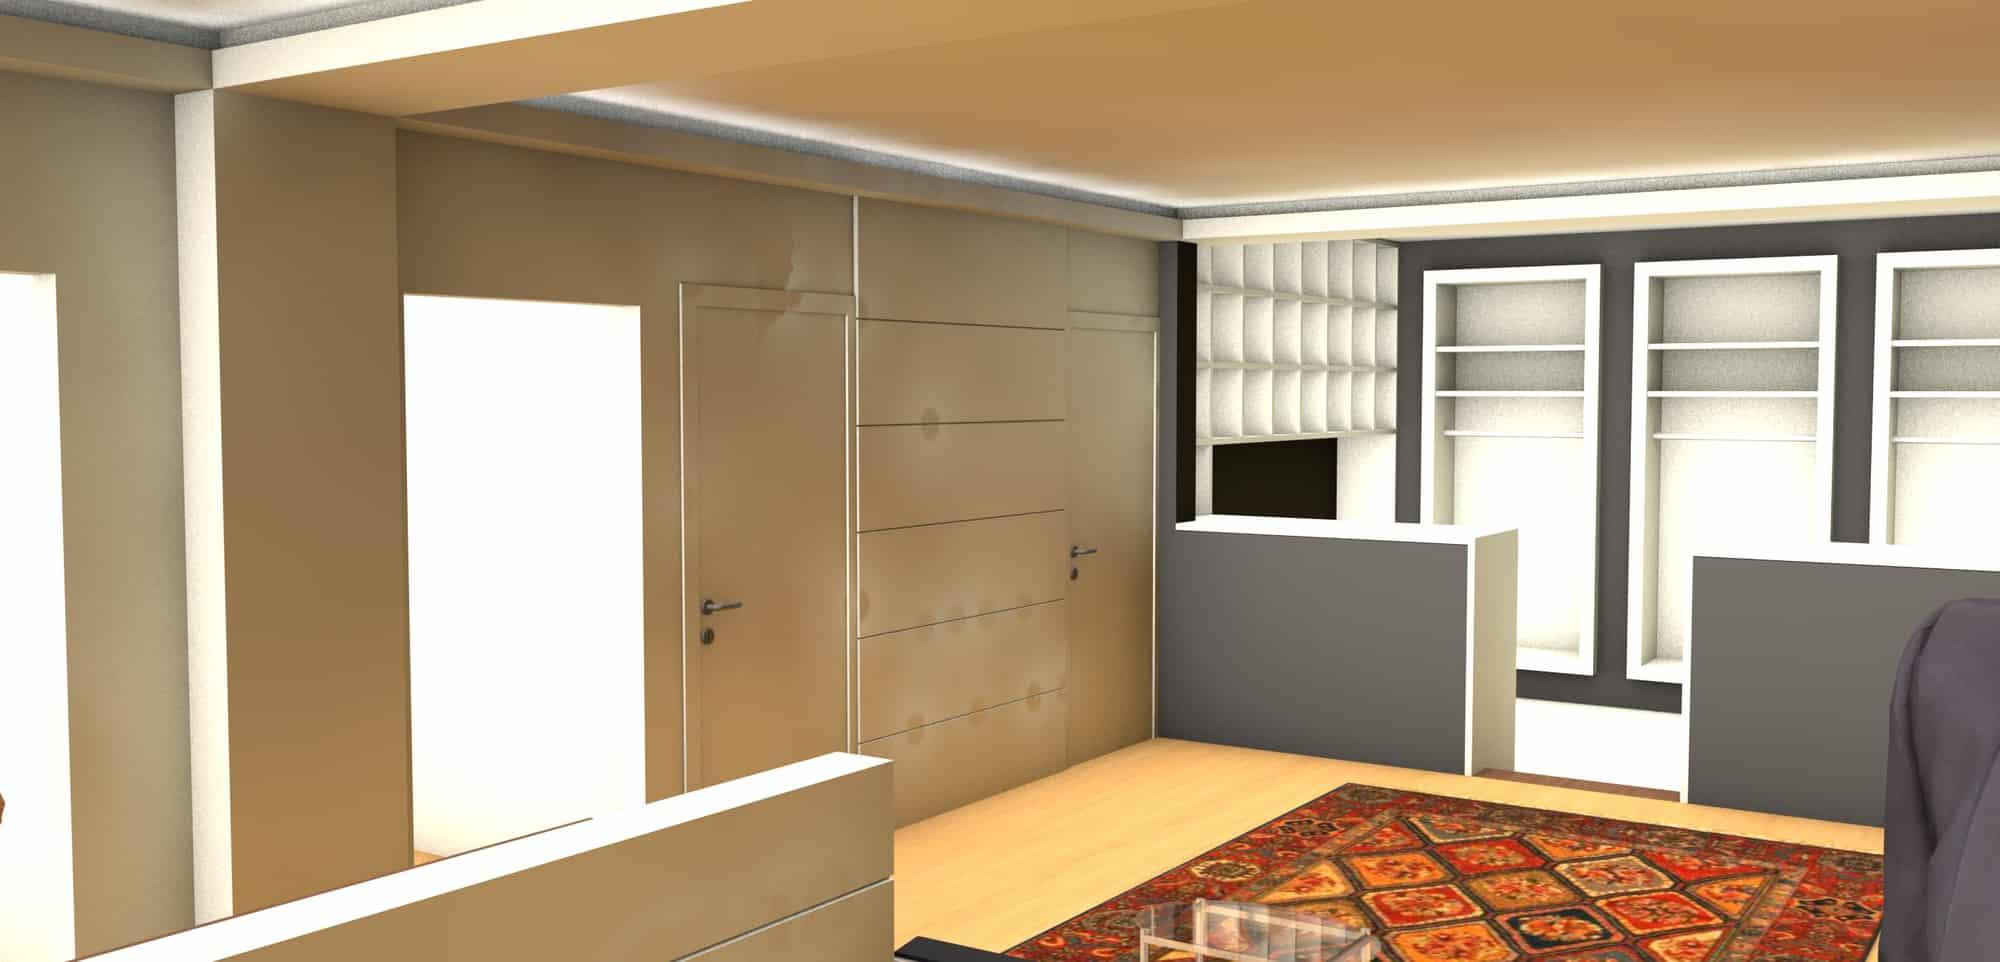 Detail afbeelding 11 van Elegance Lingerie Genk | Ontwerp door architect Patrick Strackx